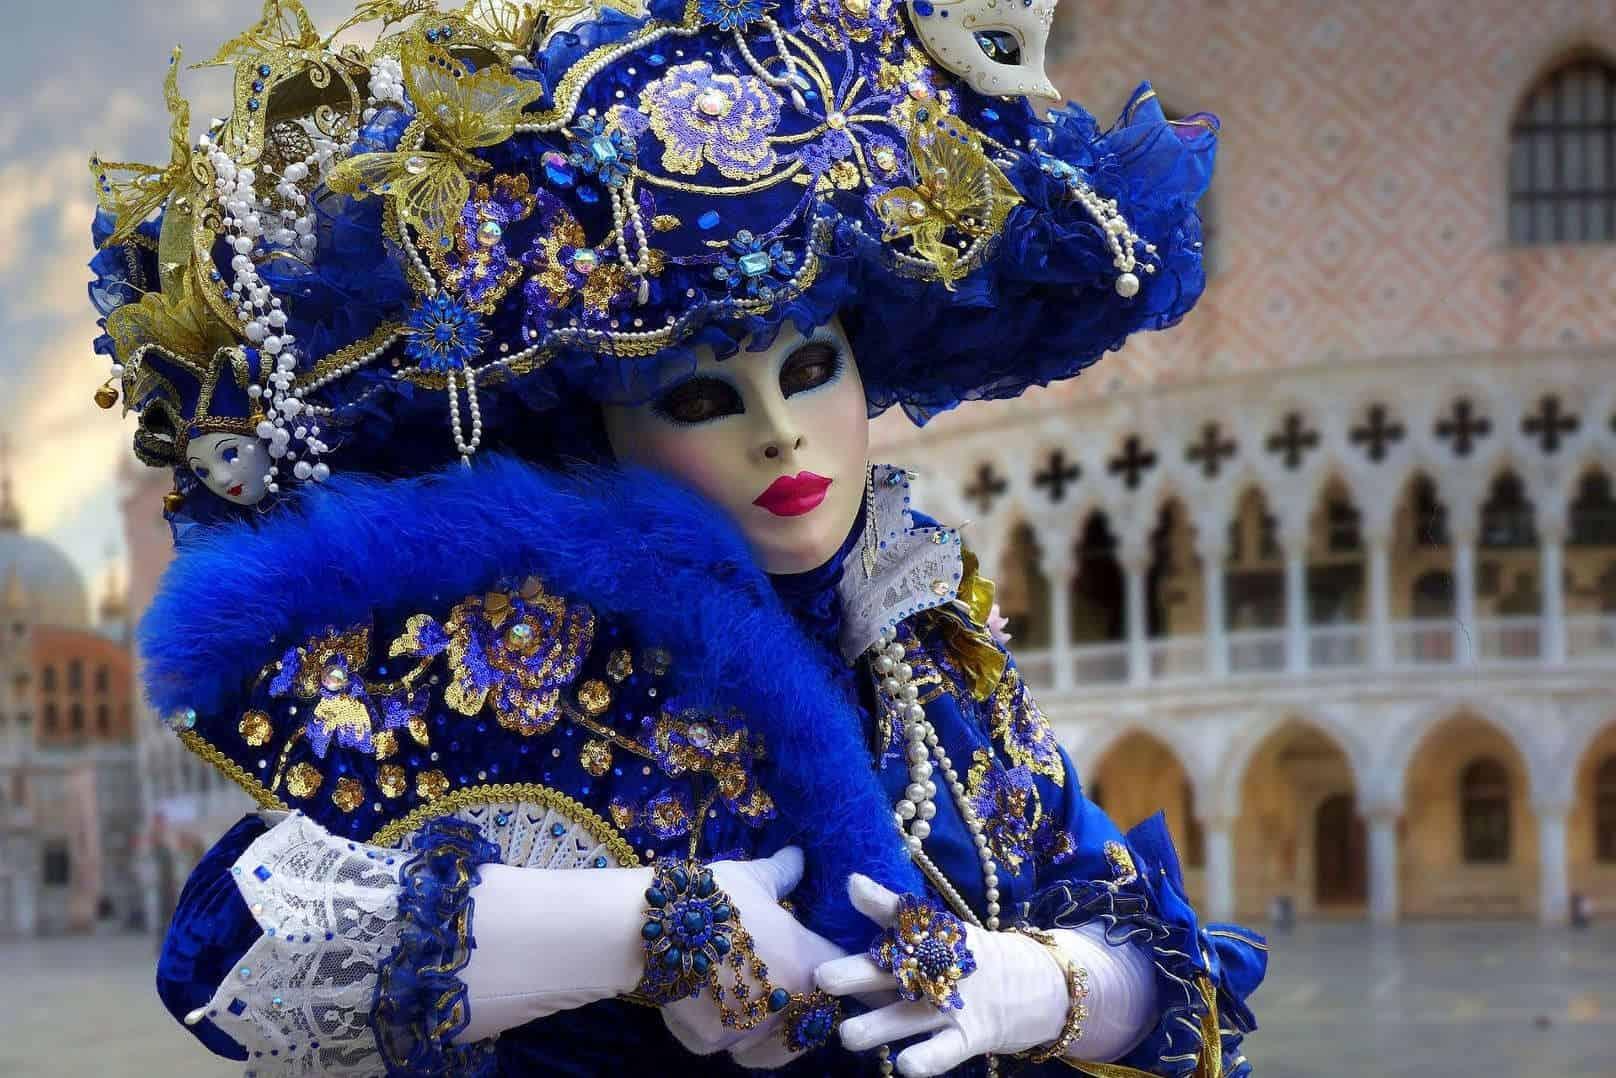 CARNEVALE DI VENEZIA - Canovatour Viaggio per carnevale ...